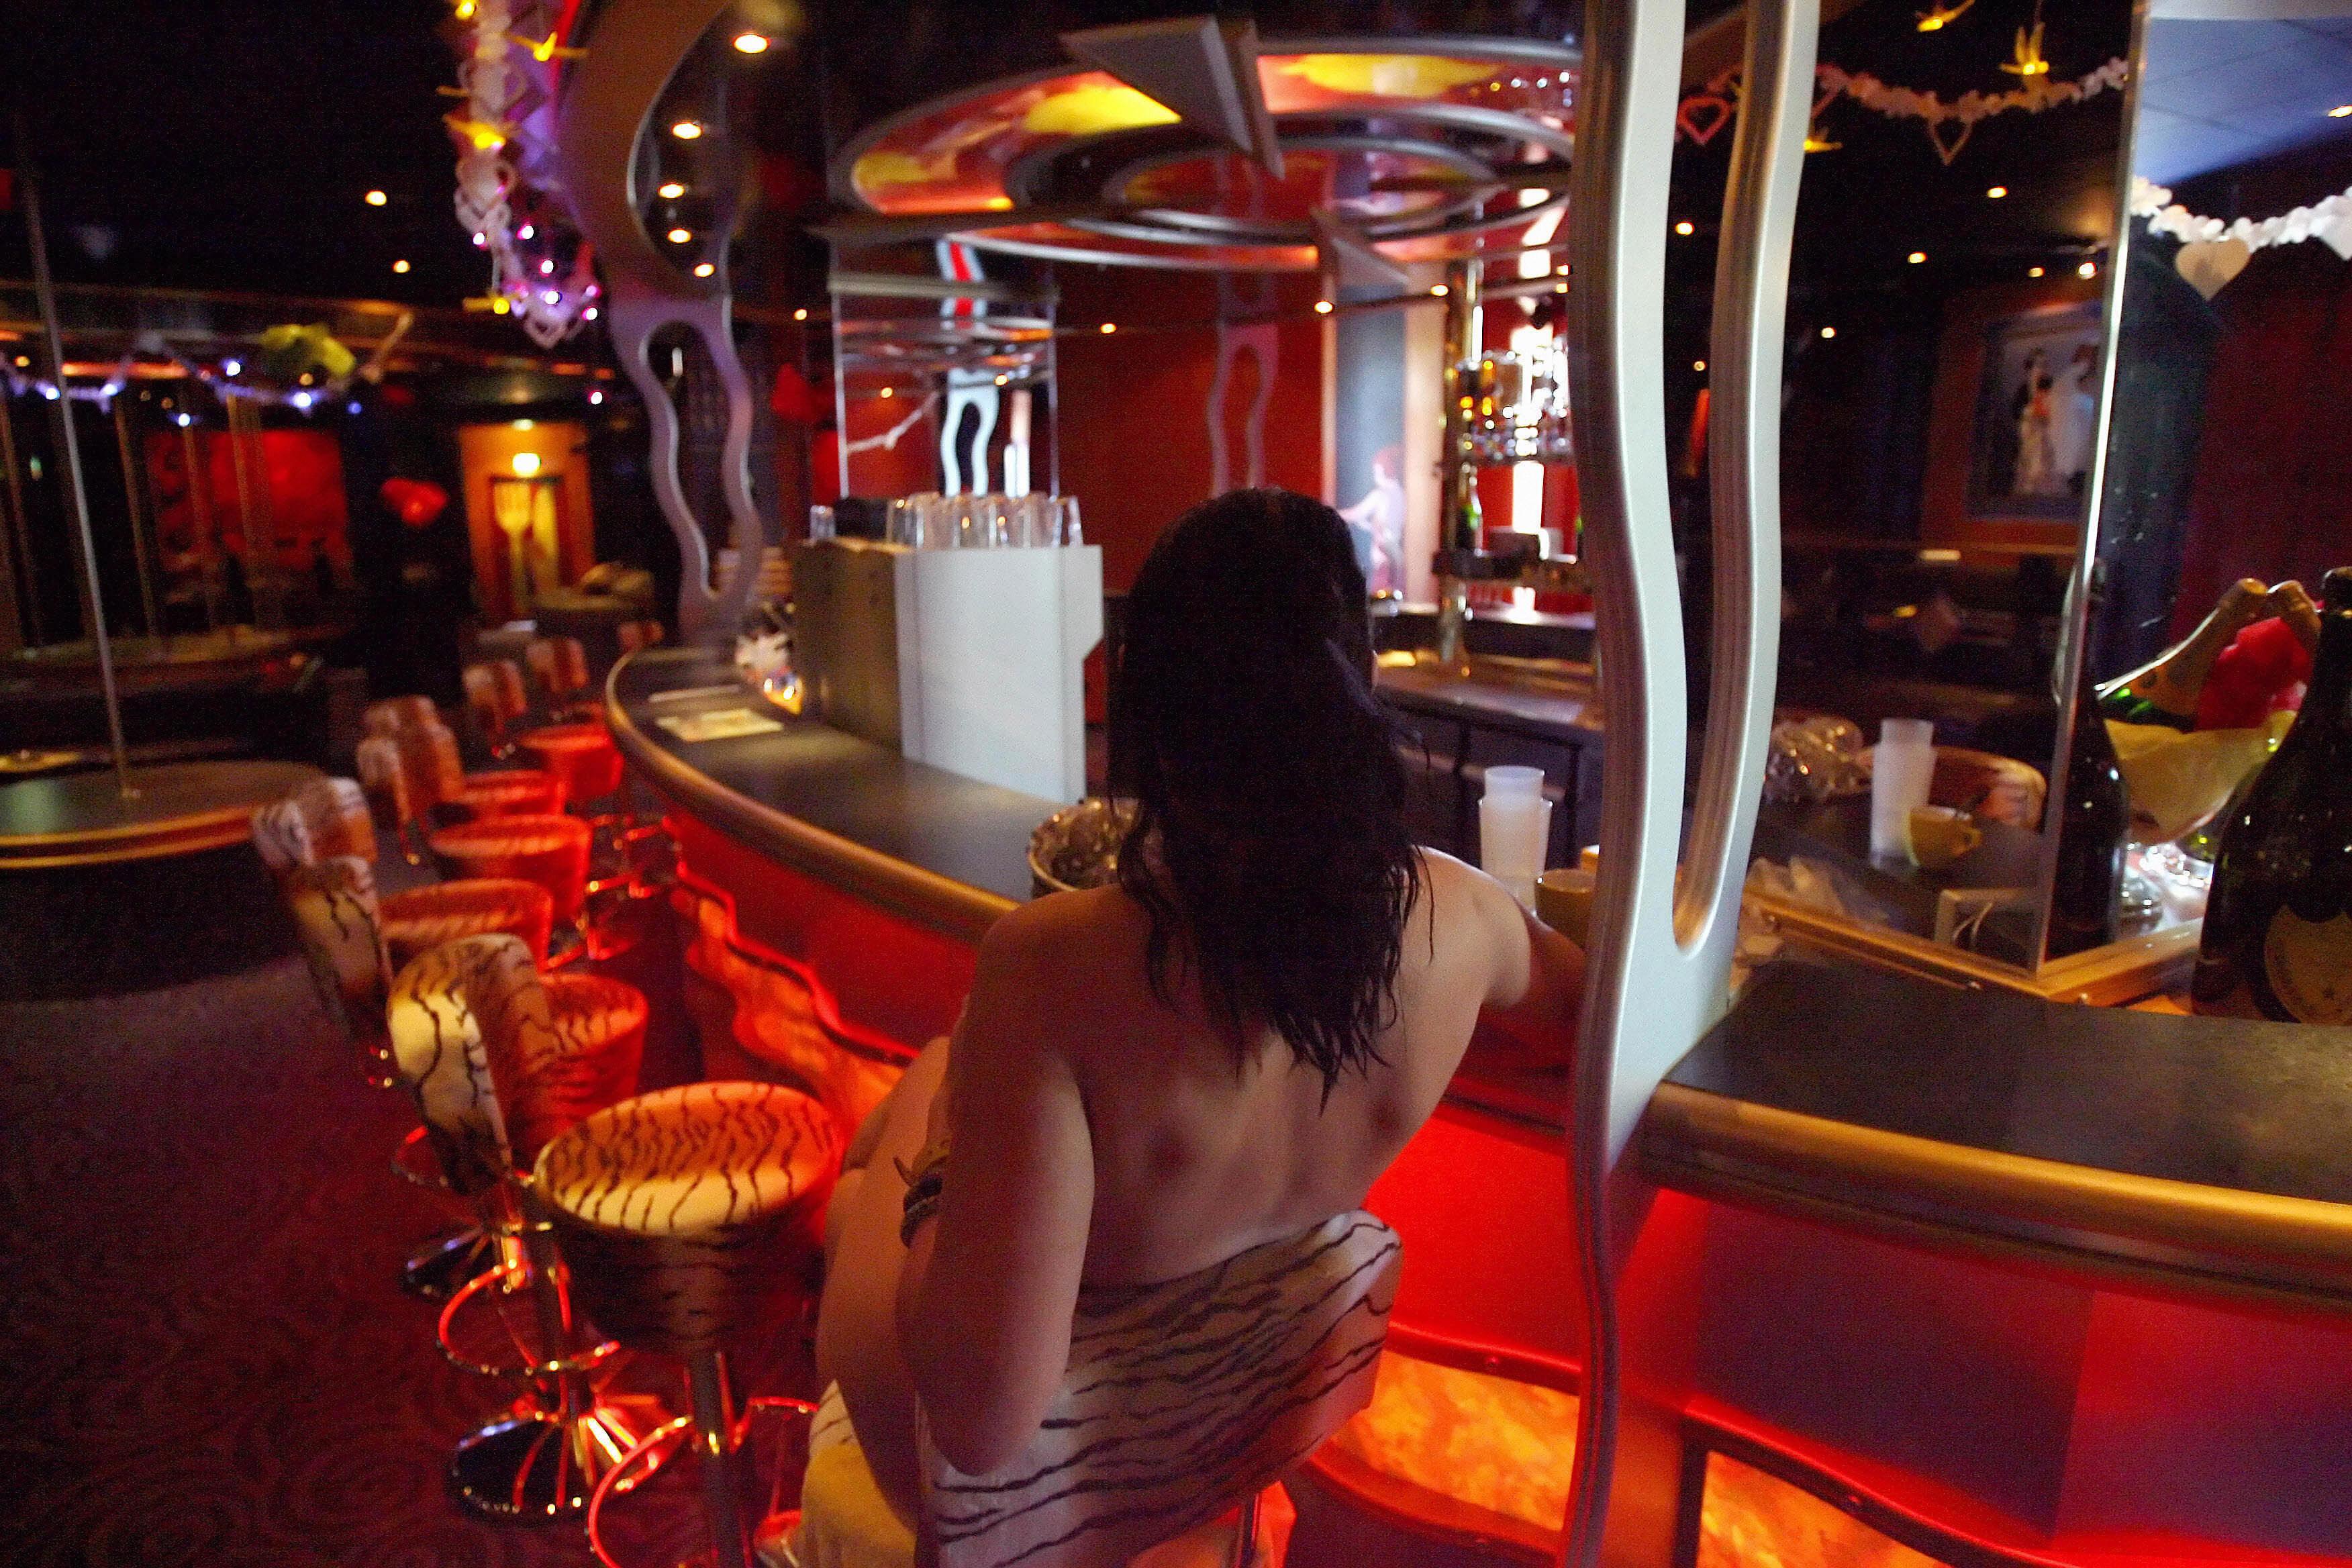 """""""Muss überleben"""": 60-Jährige arbeitet als Prostituierte, weil sie kein Hartz IV bekommt"""